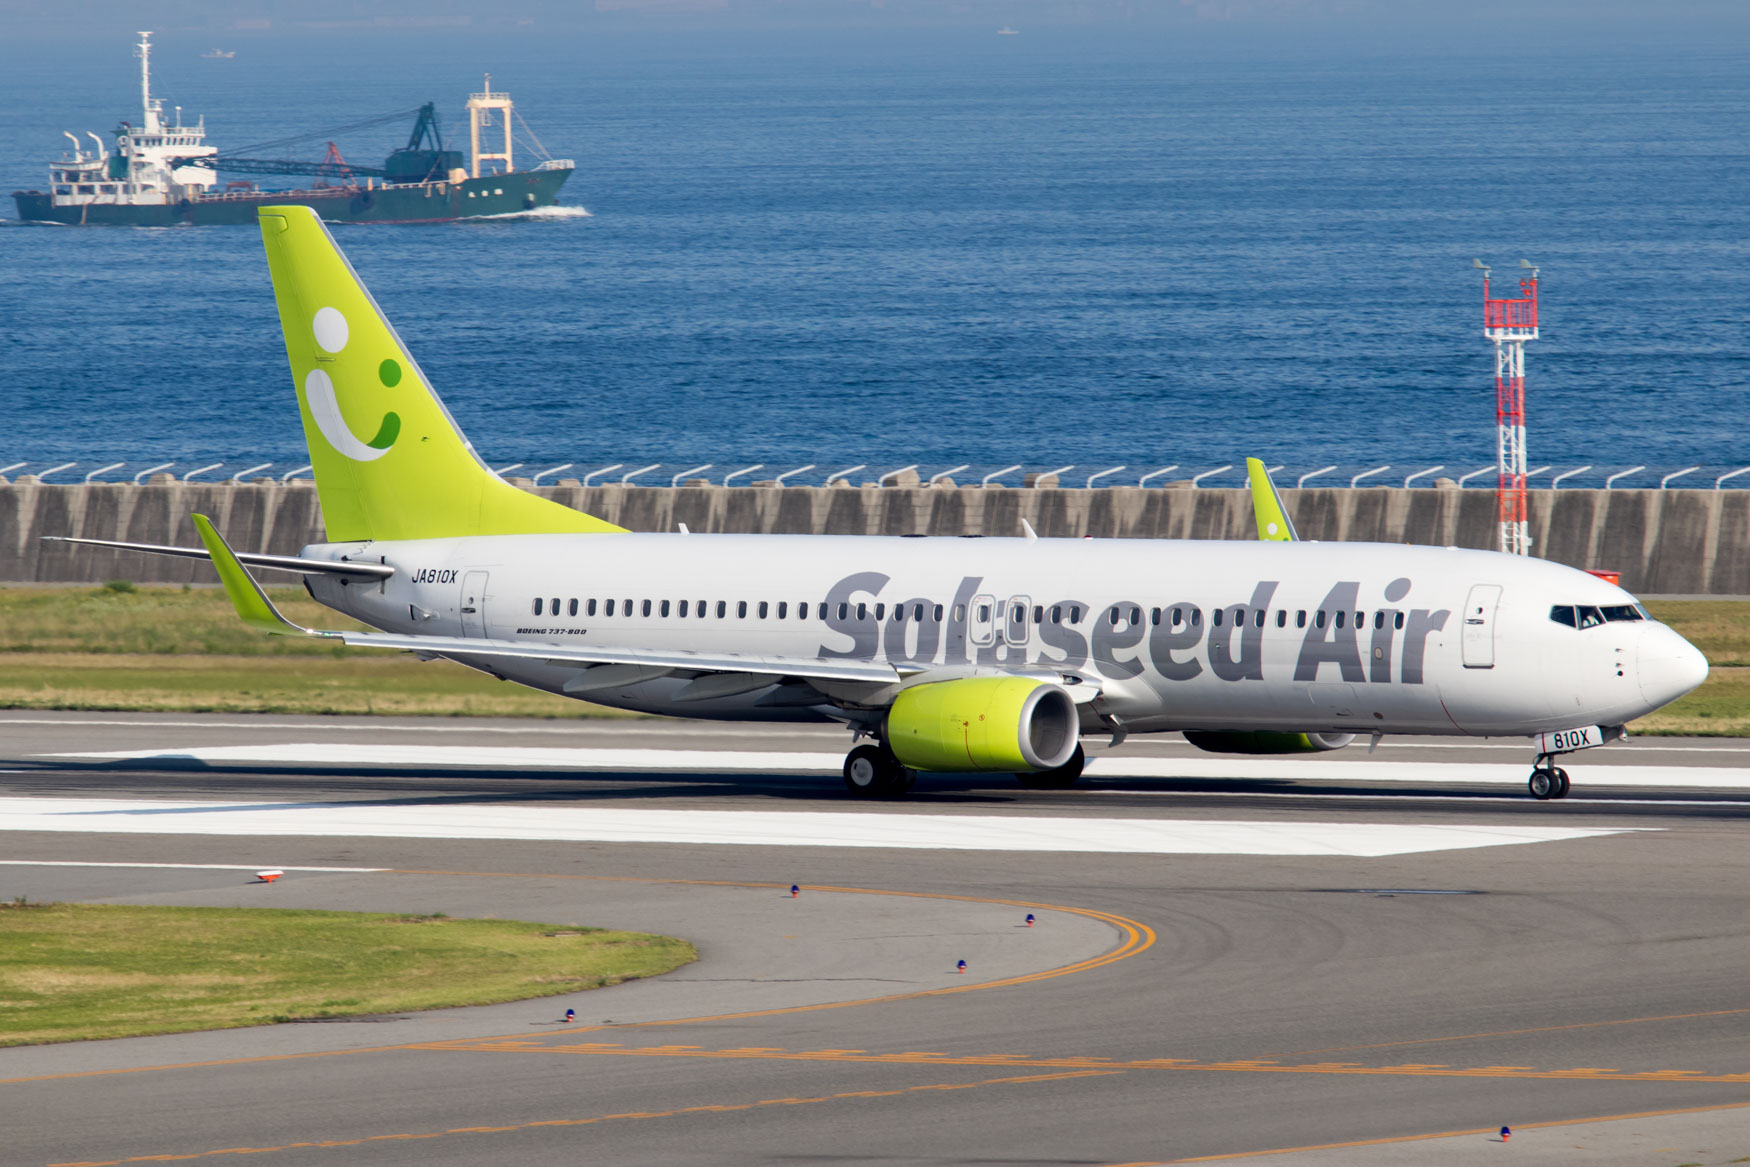 Solaseed Air Boeing 737-800